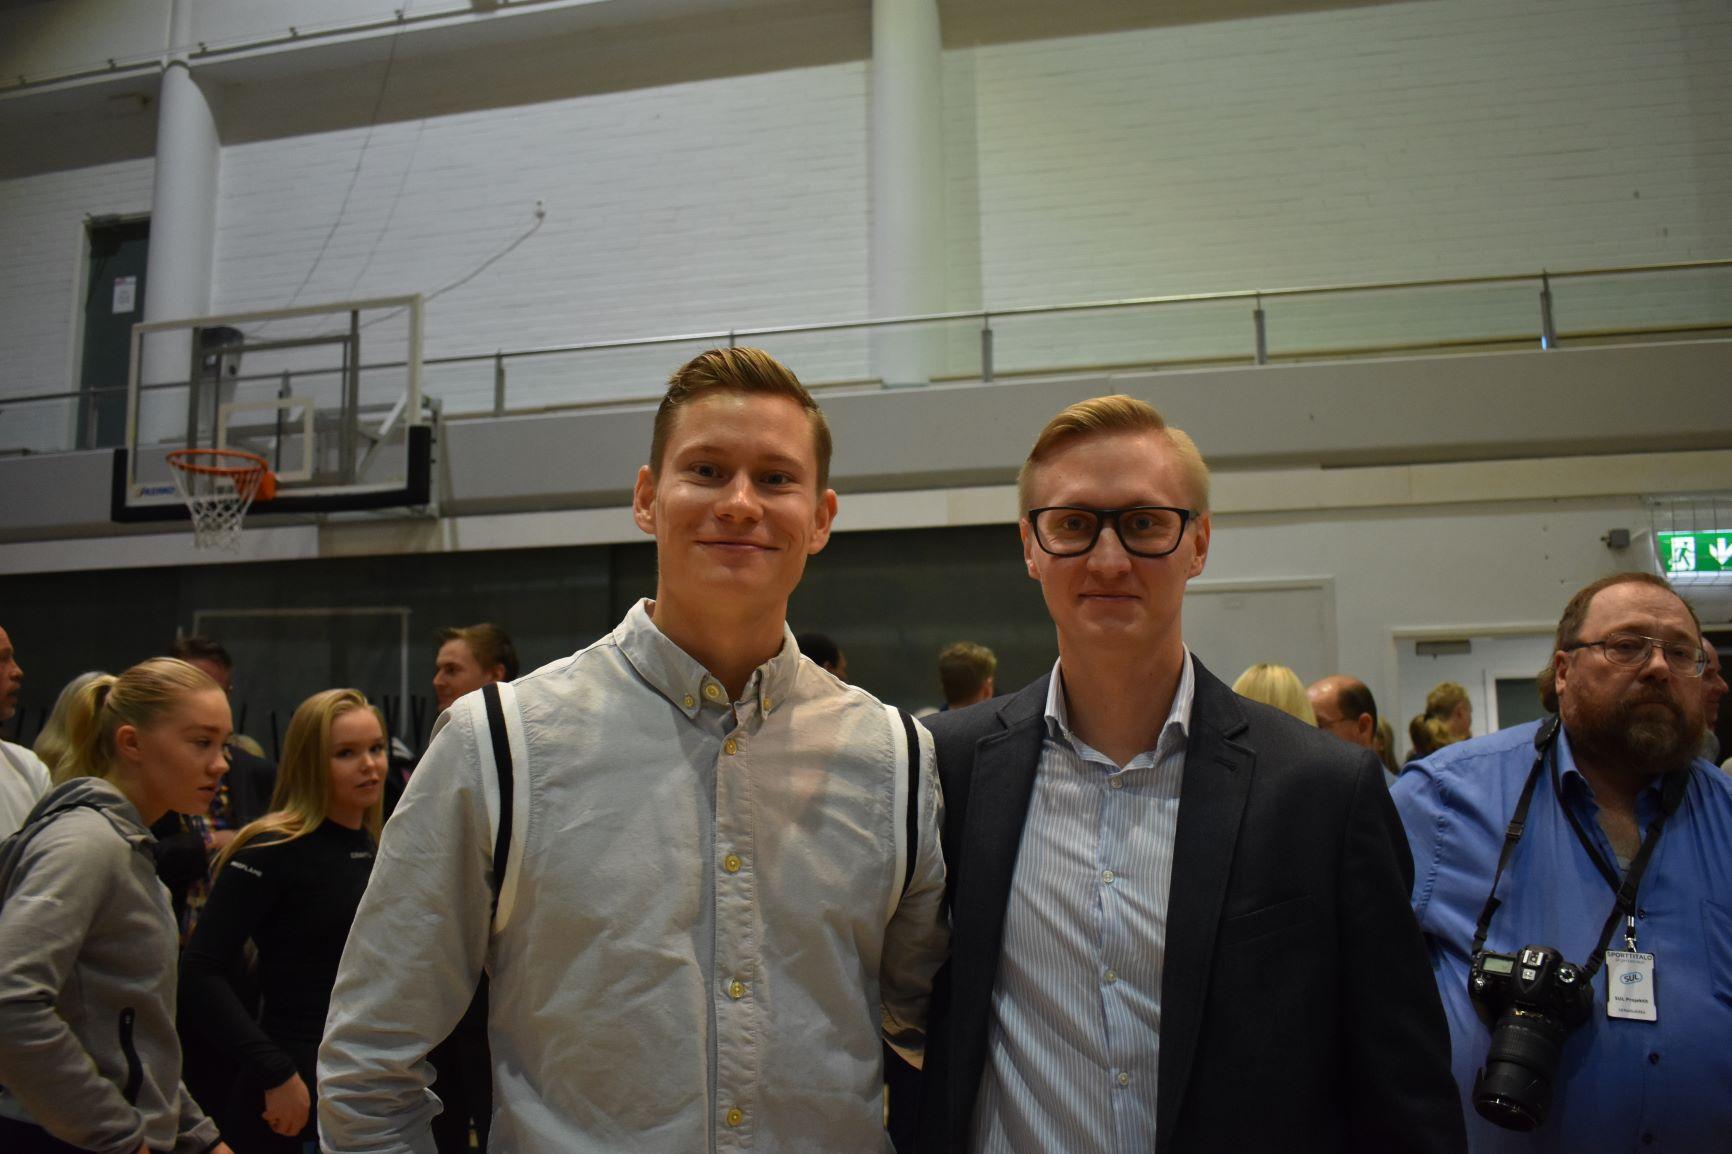 Kaksi miestä seisoo vierekkäin katse kameraan päin ja hymyilee